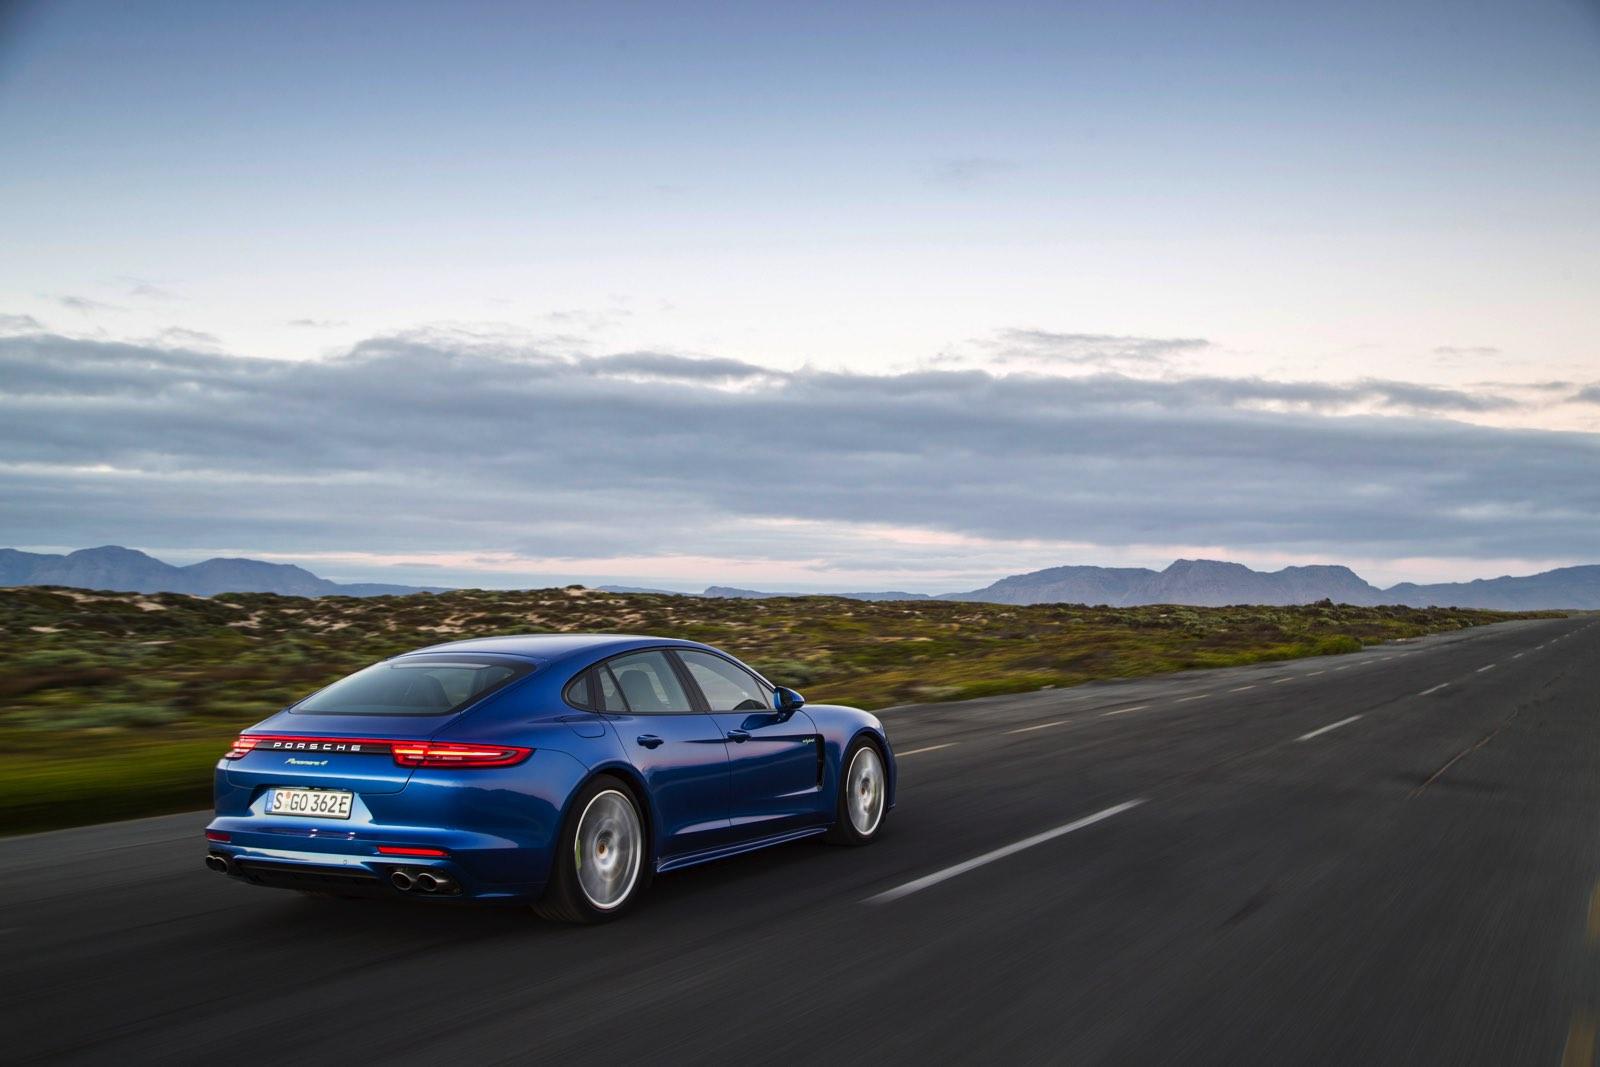 Prueba de consumo Porsche Panamera